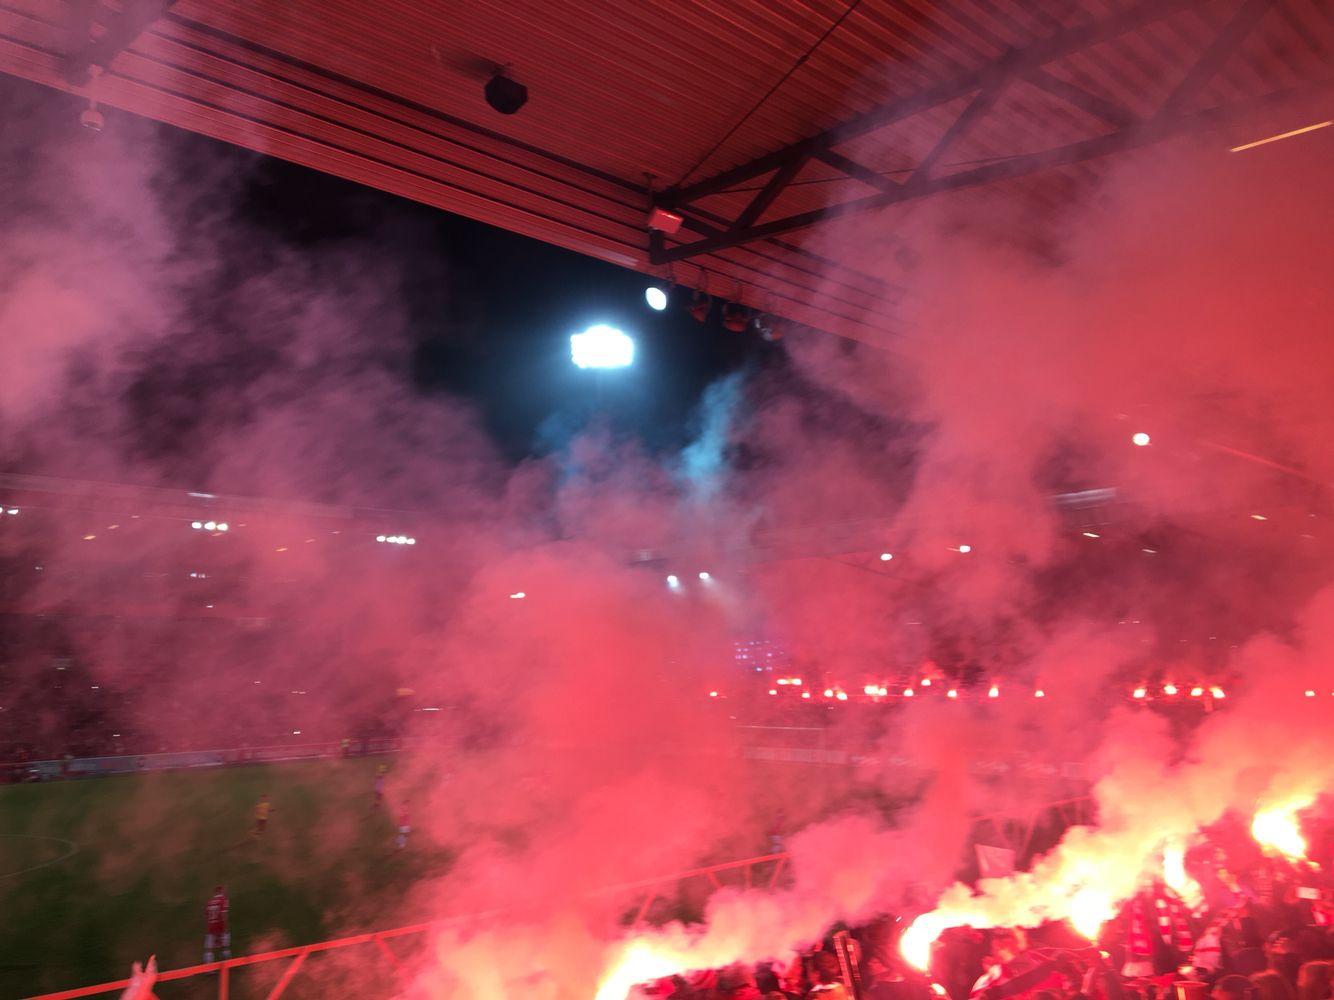 FCU Geburtstagsfete Stadion an der alten Försterei! Eisern Union! 1. FC Union Berlin  Pyro